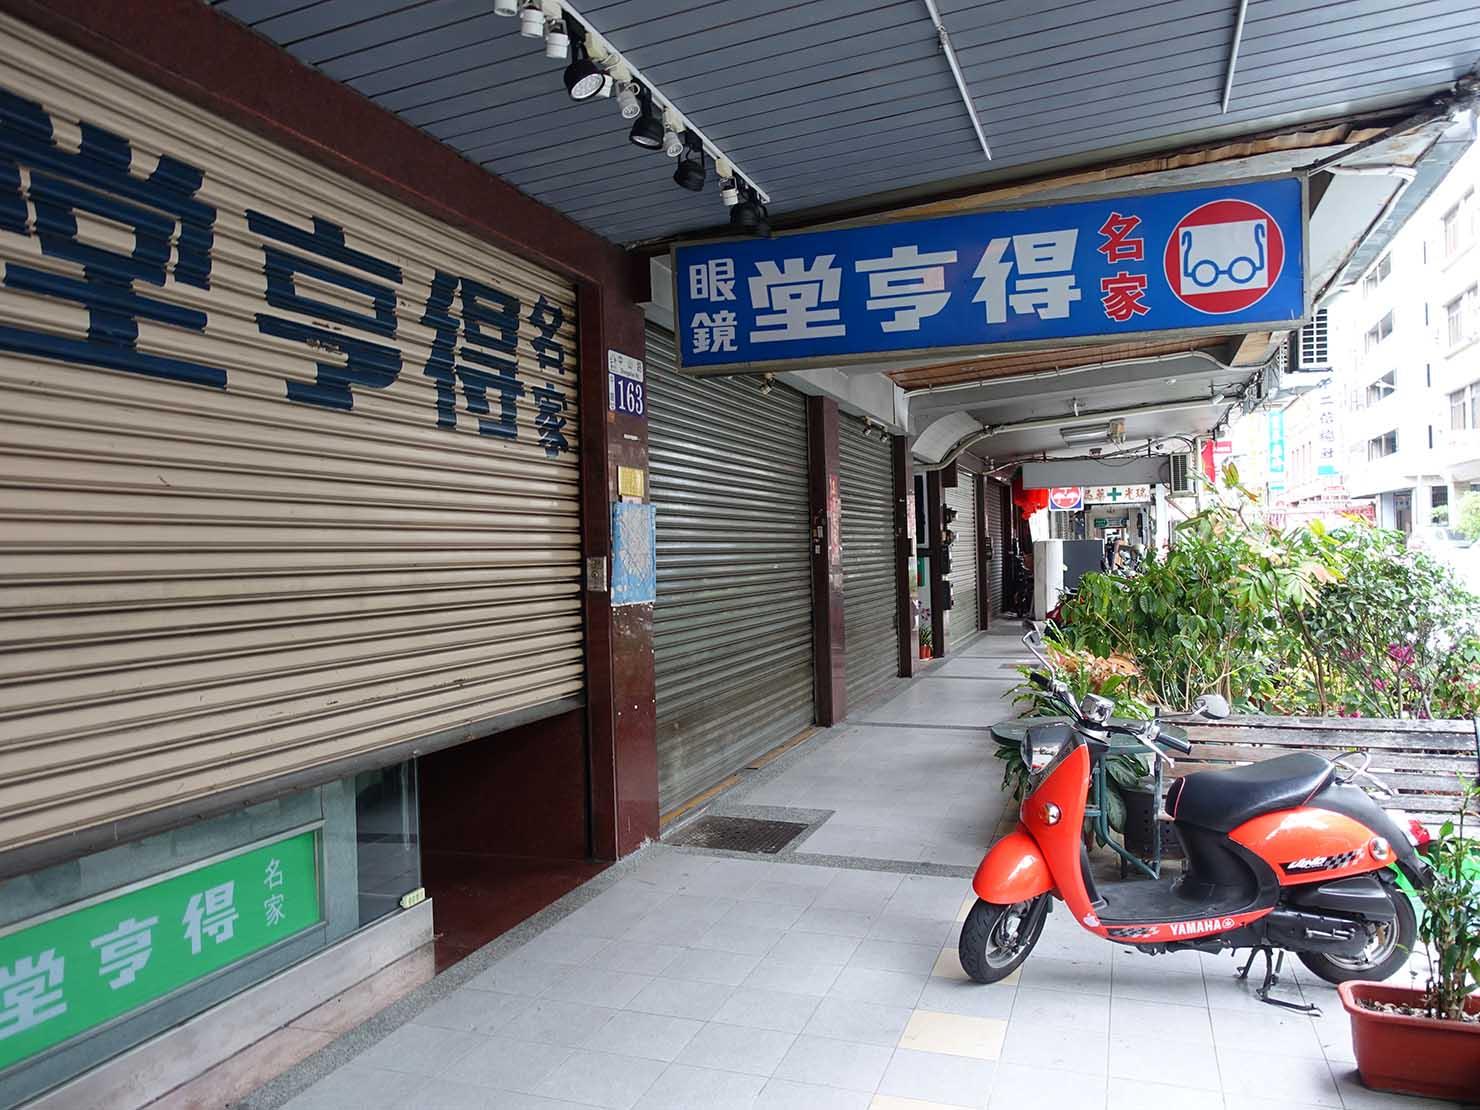 台中駅前の交差点「中山市府路口」付近の眼鏡屋さん